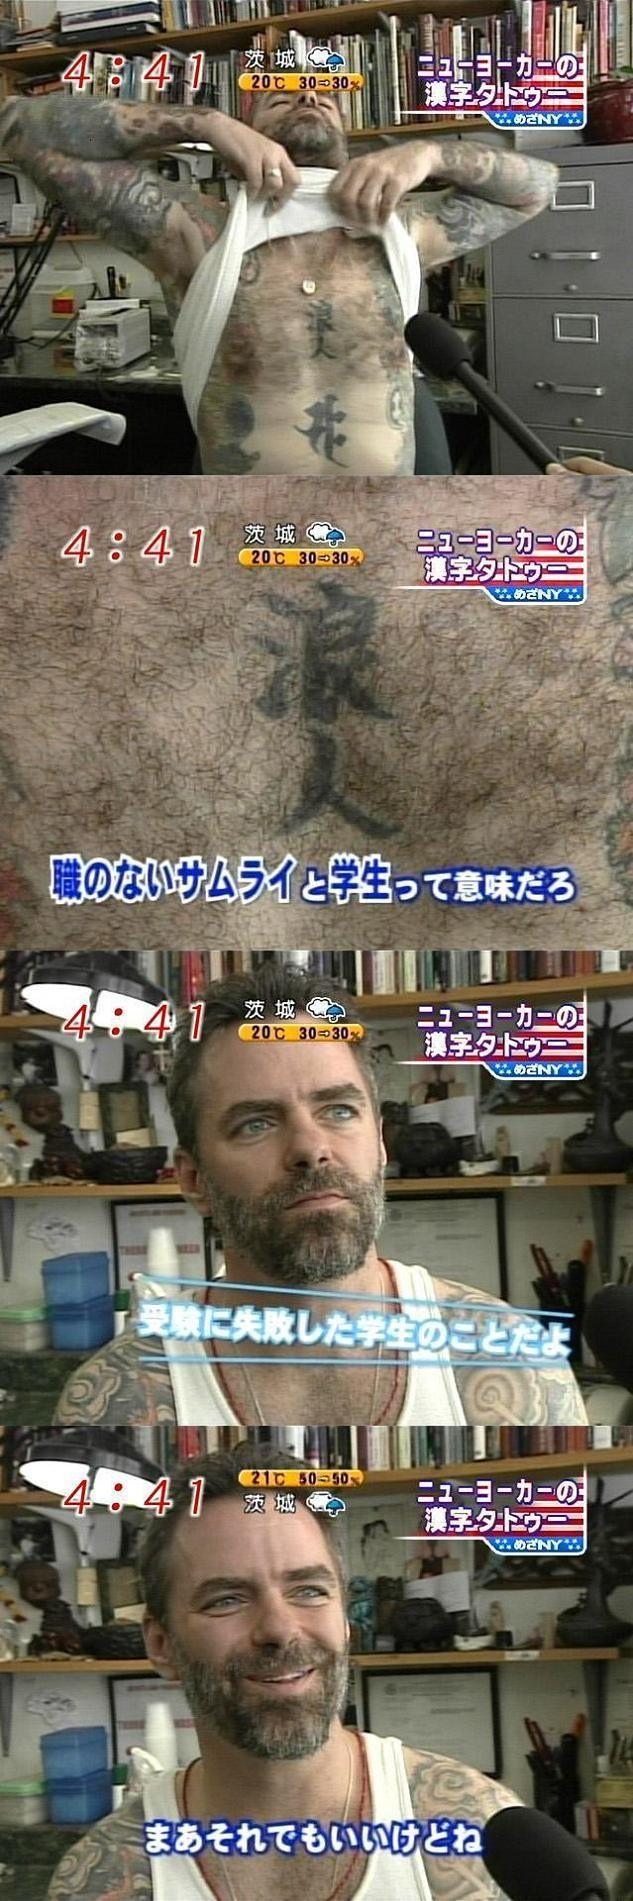 テレビ面白画像 胸に漢字タトゥーを入れるニューヨーカーは意味を気にしません(笑)tvmovie_0077